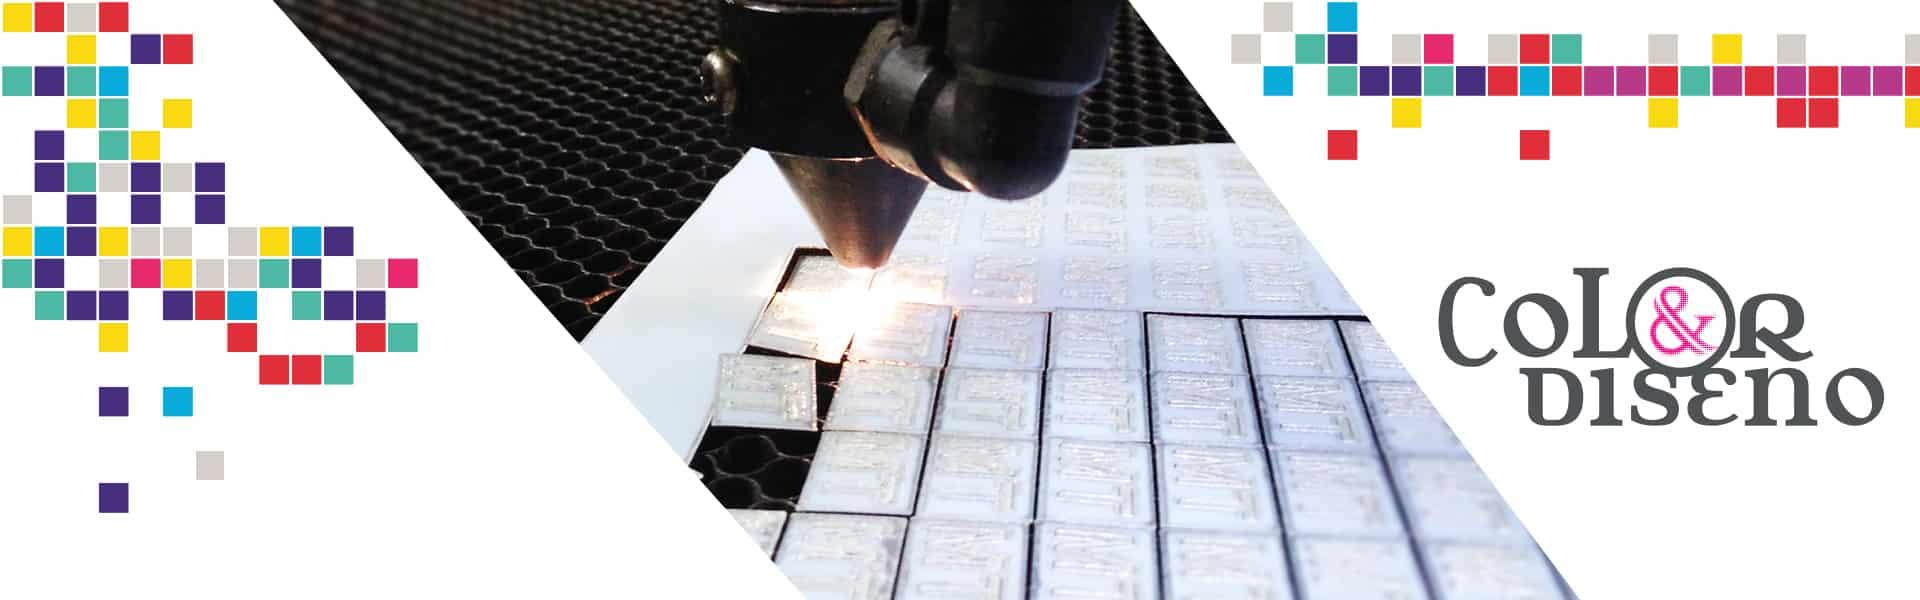 slide-corte-laser-medellin